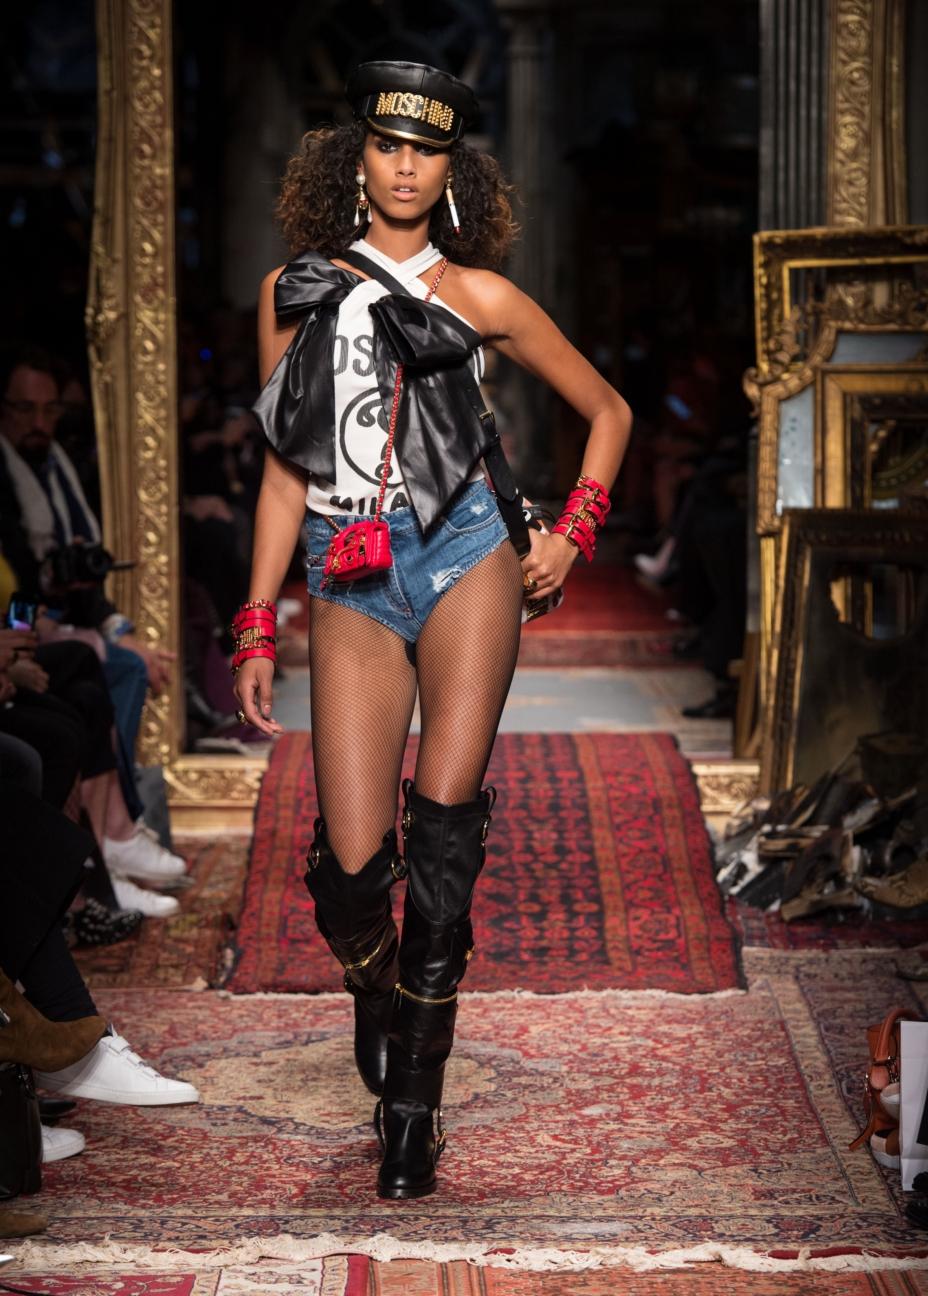 moschino-milan-fashion-week-aw-16-32